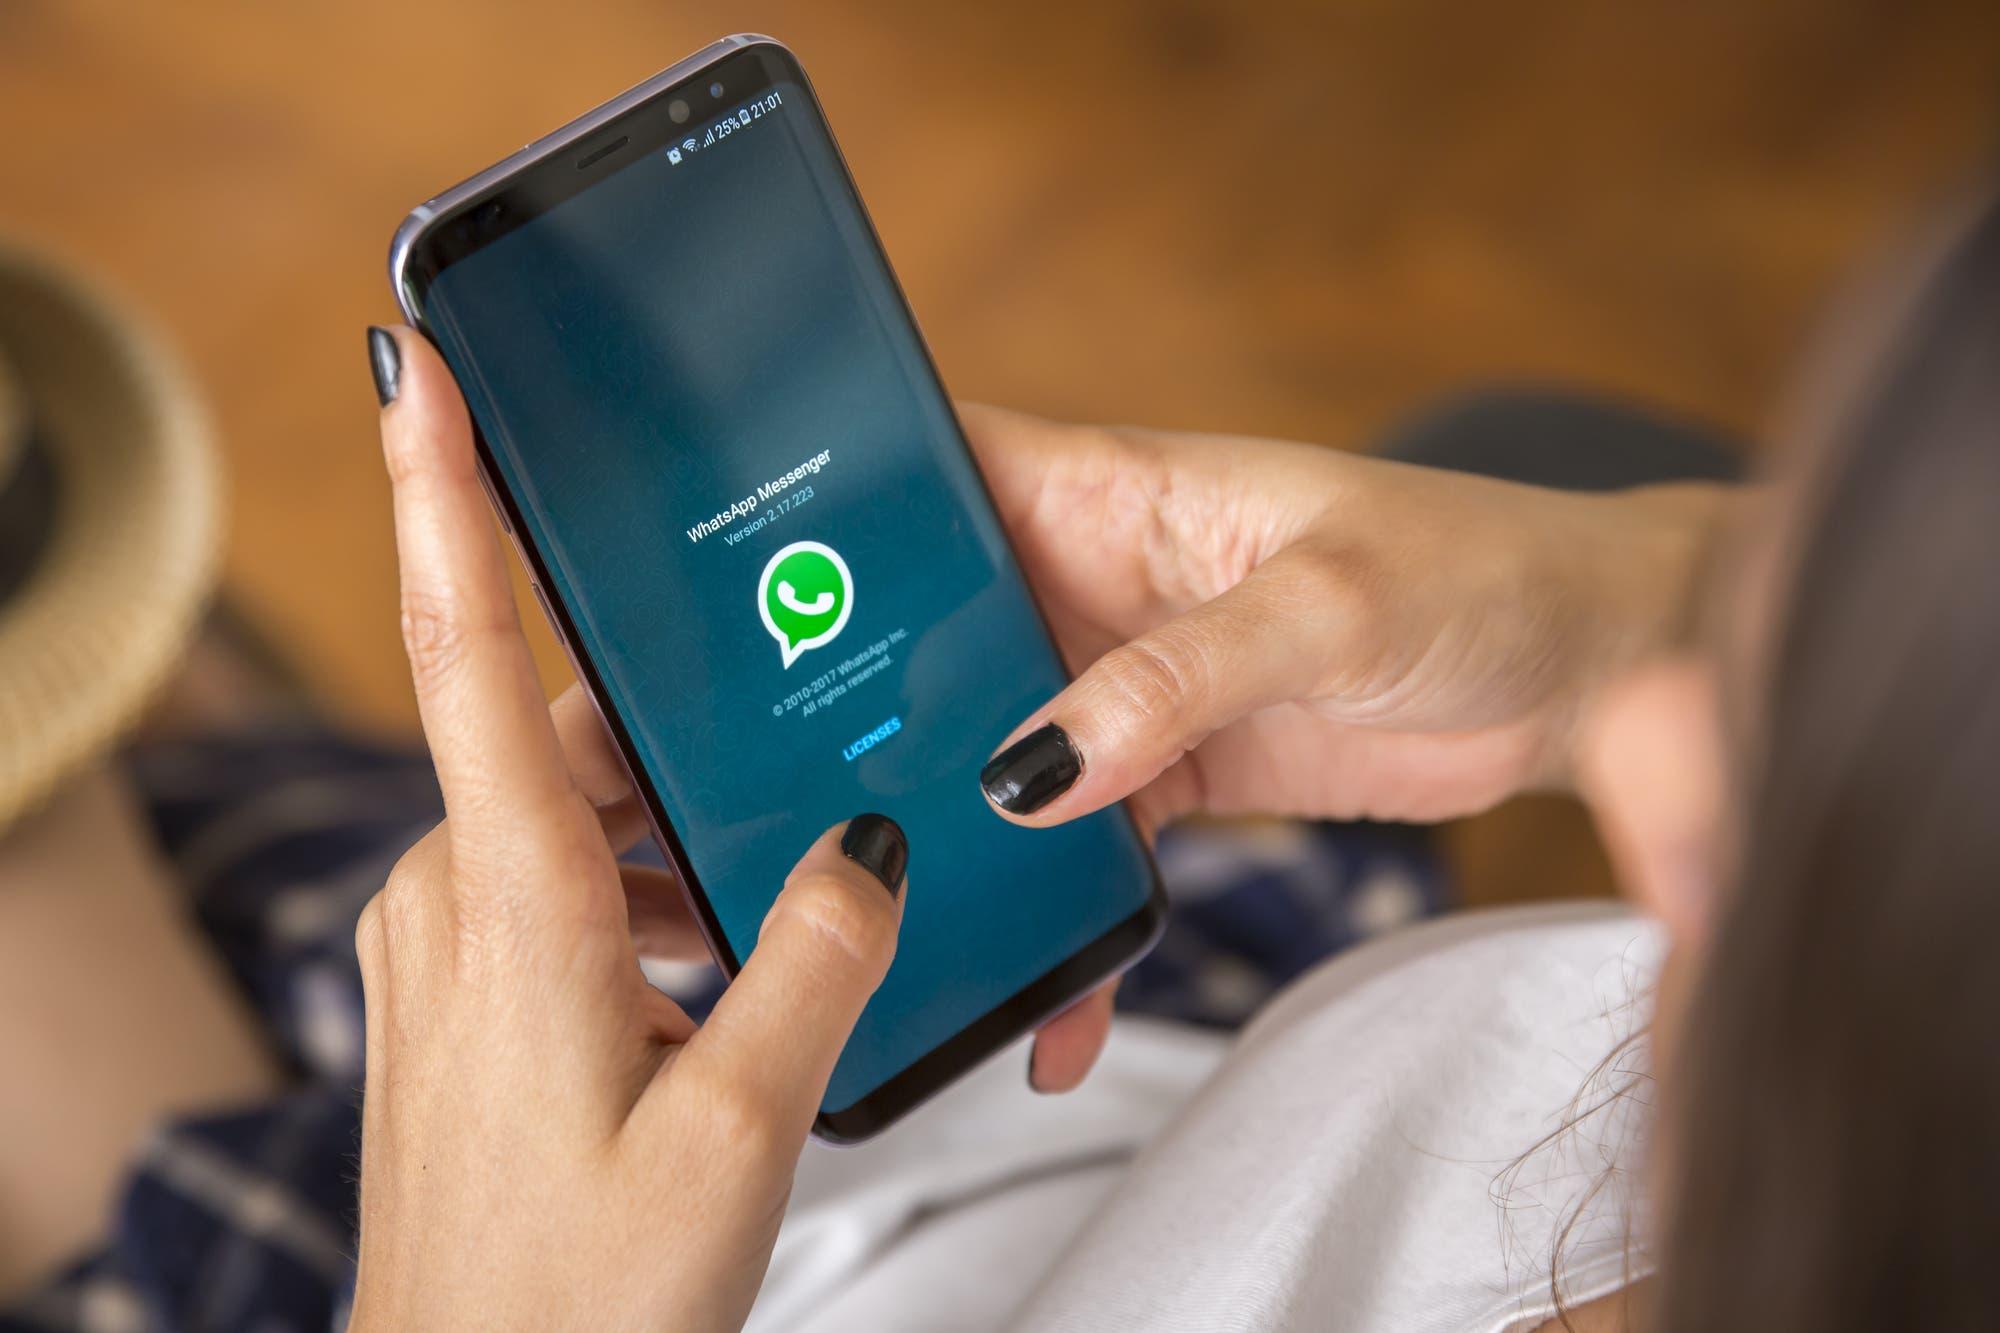 Con fondos de colores, WhatsApp ahora ofrece más opciones para personalizar el modo oscuro